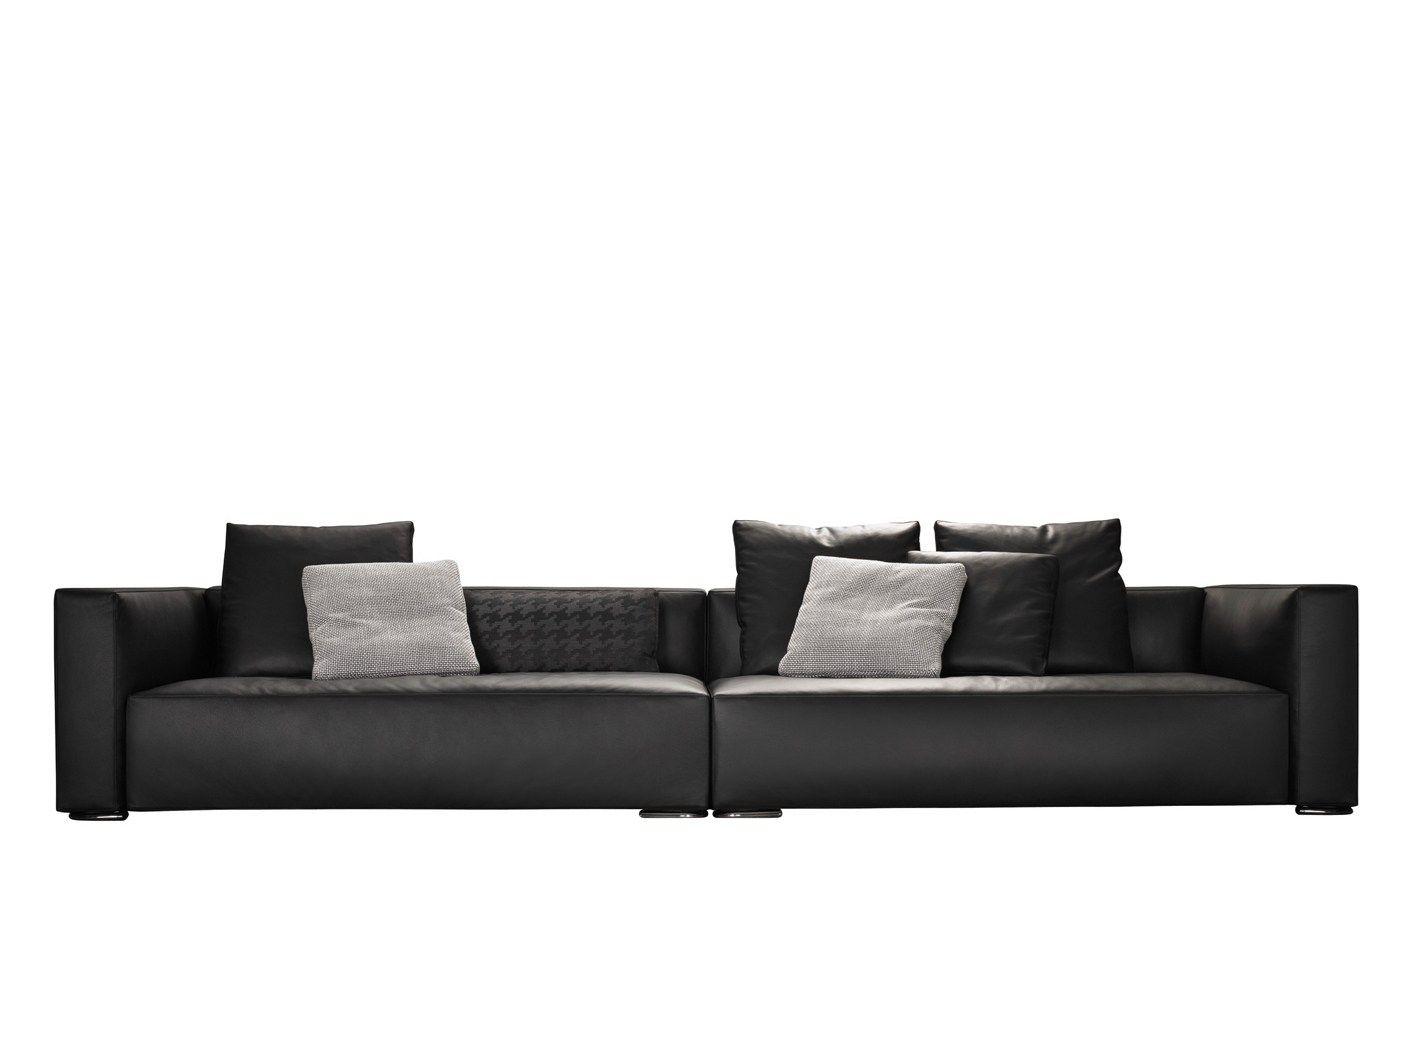 Gepolstertes sofa aus leder donovan serie donovan by minotti for Sofa aus leder